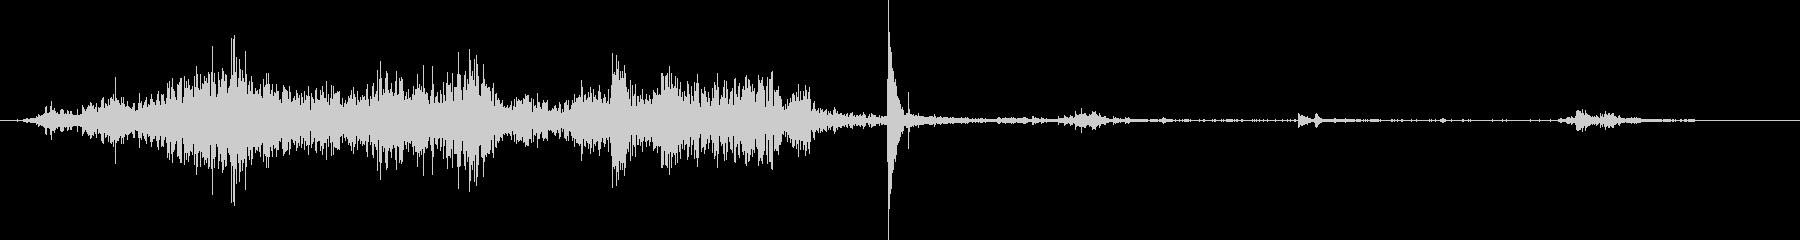 机の上のカギを急いで持っていく音の未再生の波形